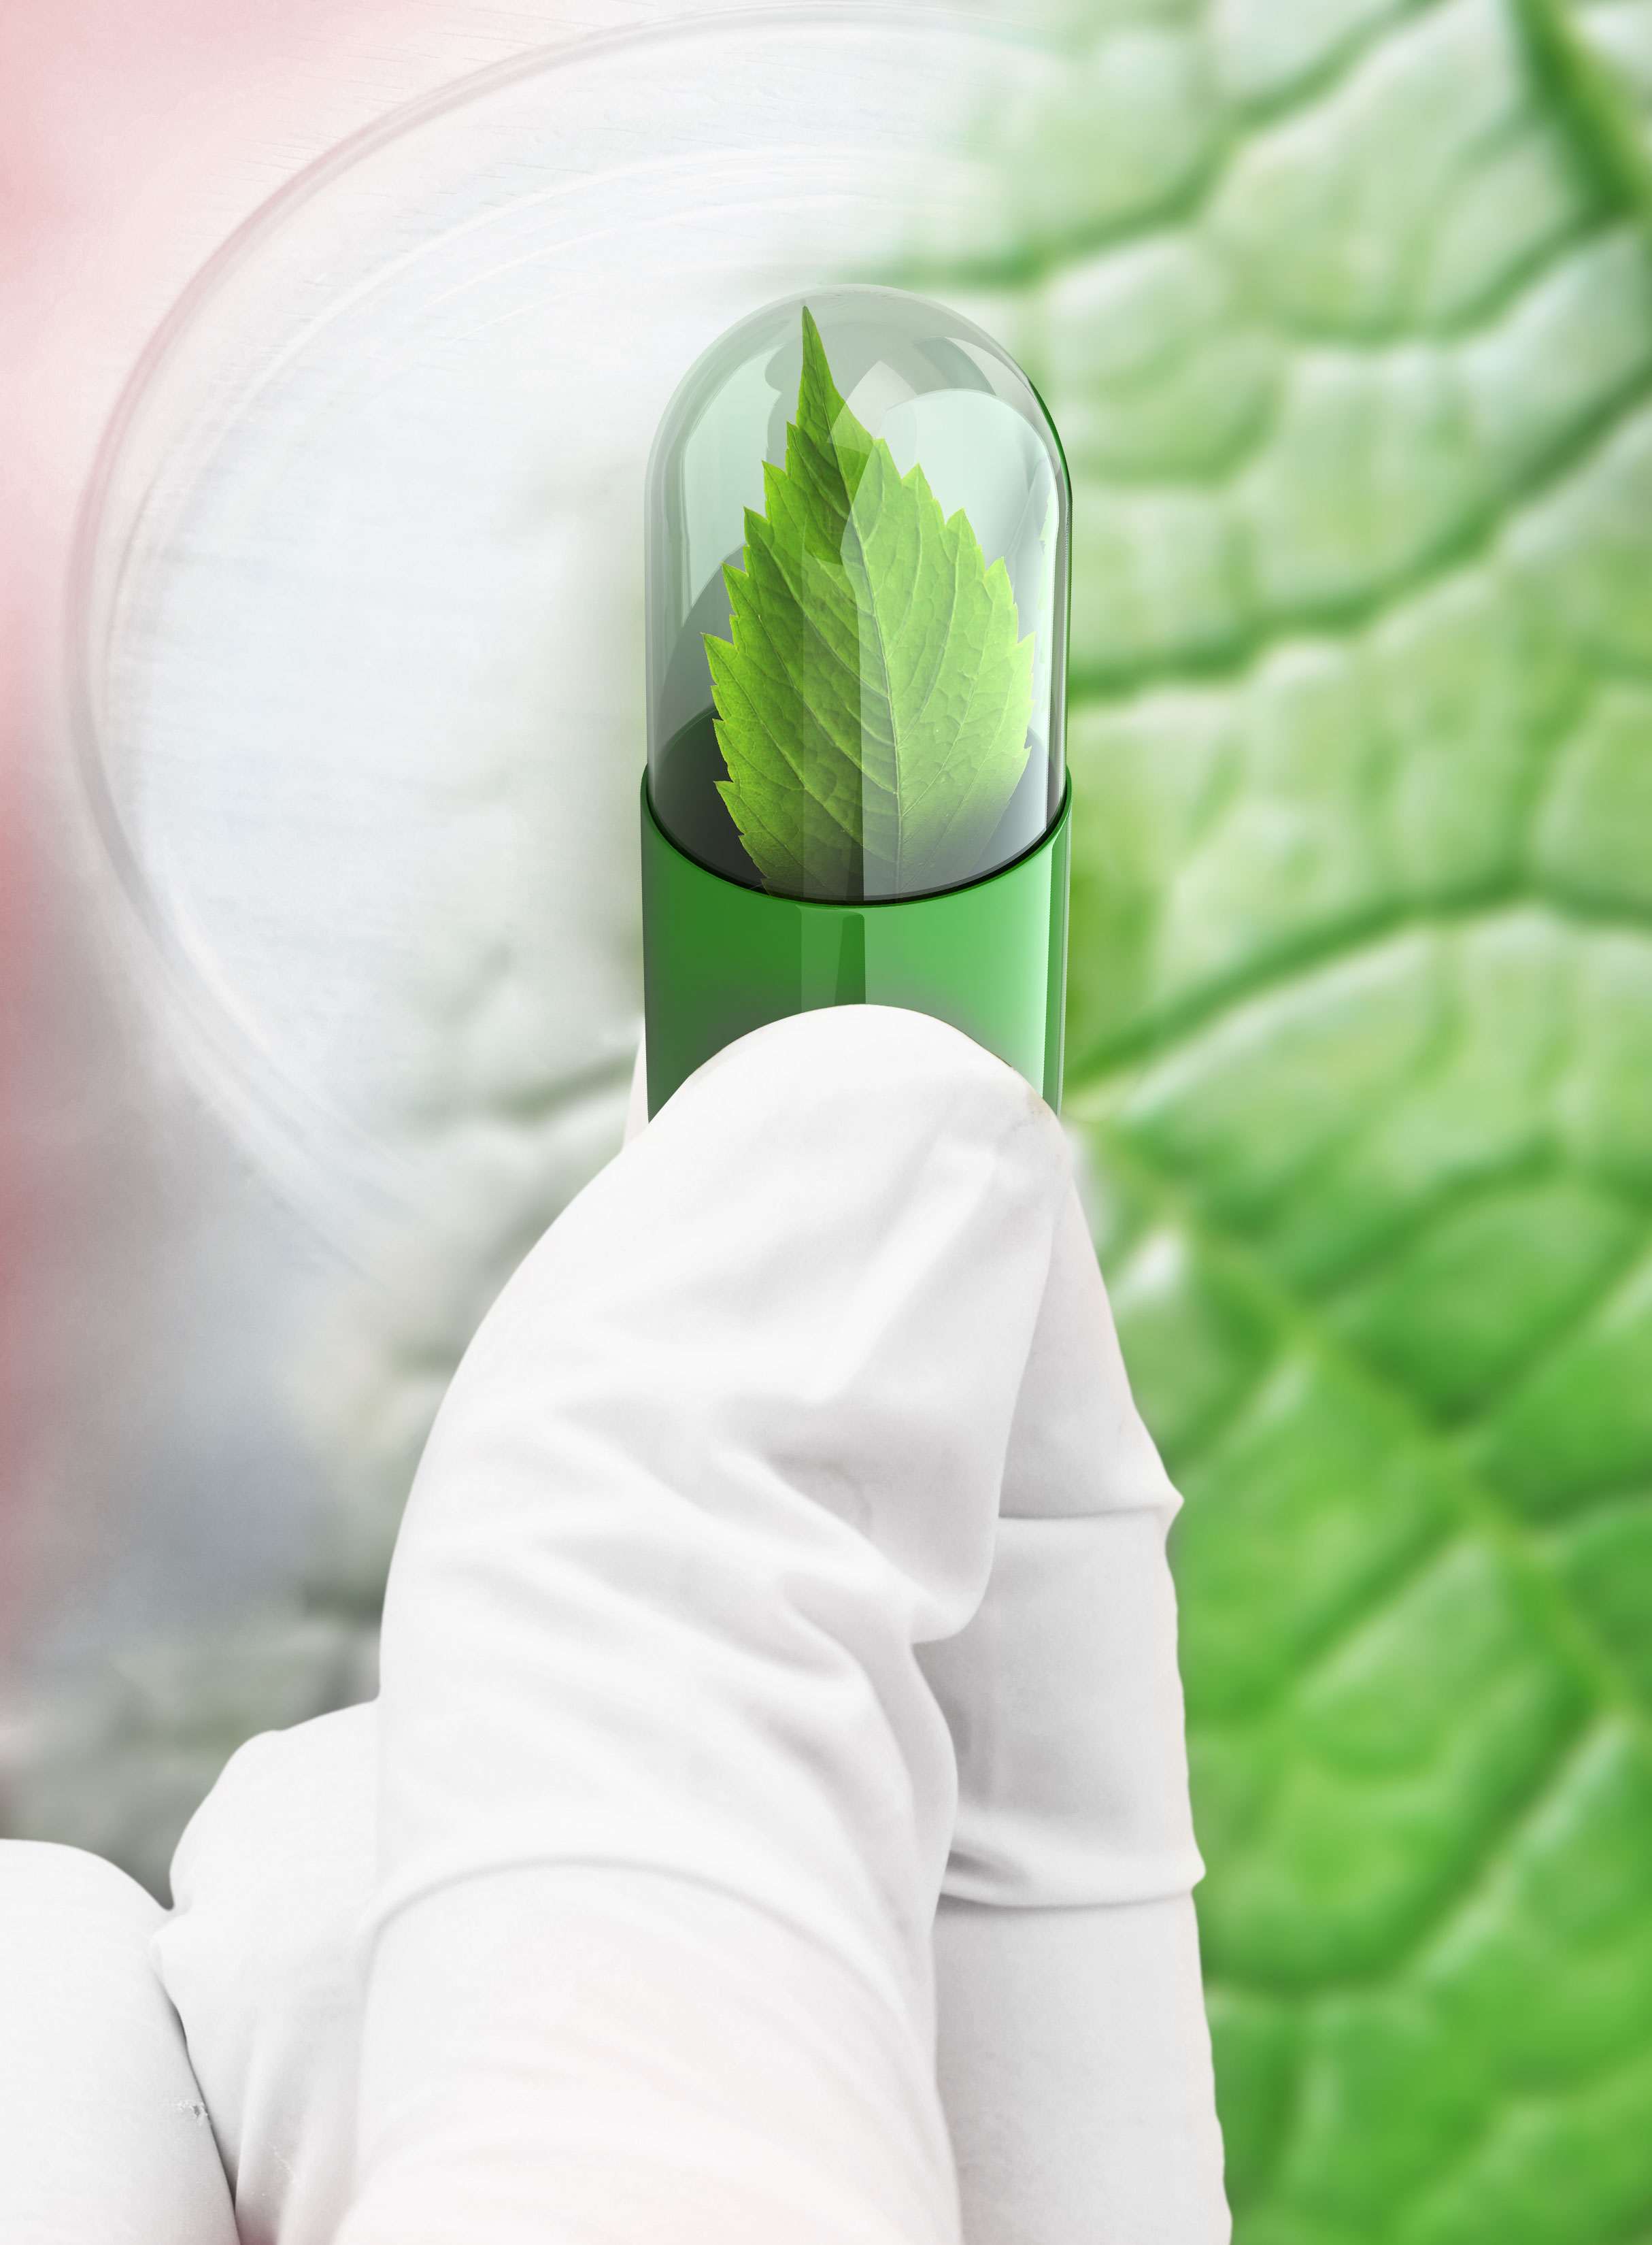 พาตาร์แลบ Patar Lab Patarlab พาตาร์ ยา อาหารเสริม เสริมอาหาร OEM รับผลิตยา ผลิตยา ผลิตอาหารเสริม